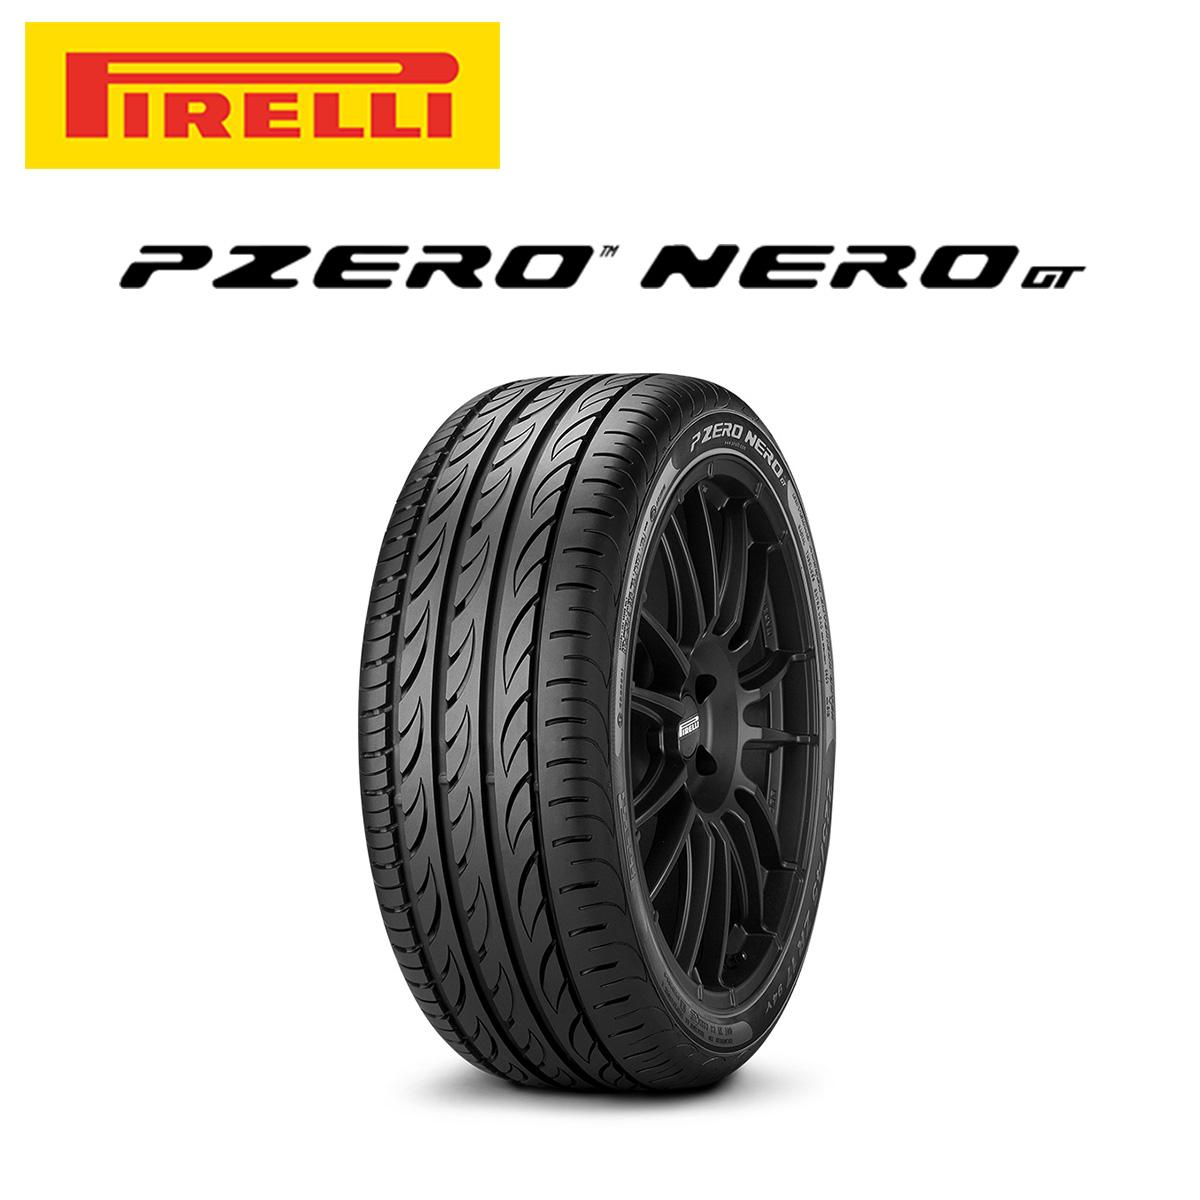 ピレリ PIRELLI P ZERO NERO GT ピーゼロネロ ジーティ 22インチ サマー タイヤ 4本 セット 285/25ZR22 95Y XL EXTRA LOAD規格 ロープロファイルタイヤシリーズ 2543400